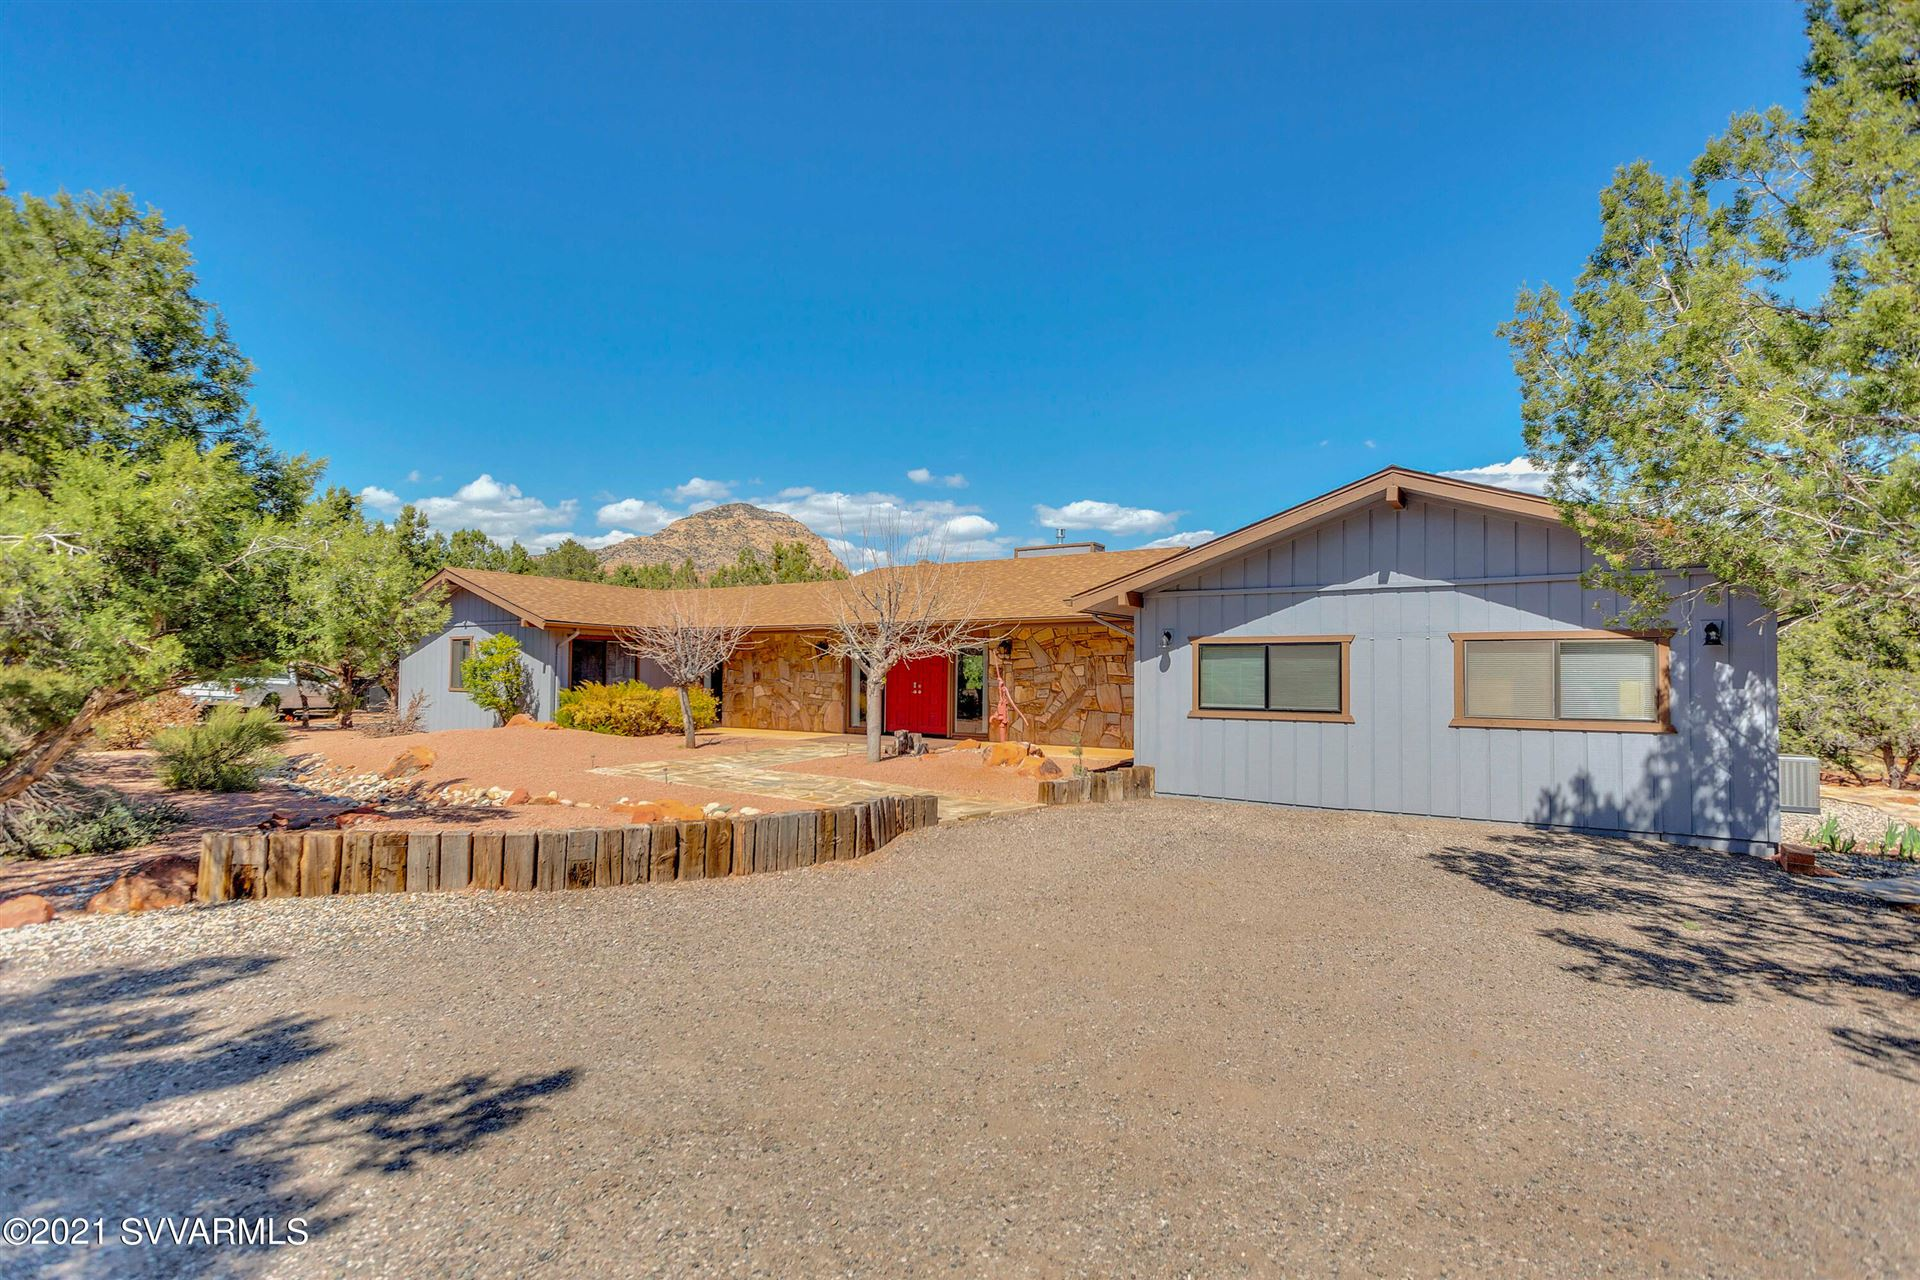 Photo of 440 El Camino Rd, Sedona, AZ 86336 (MLS # 526047)